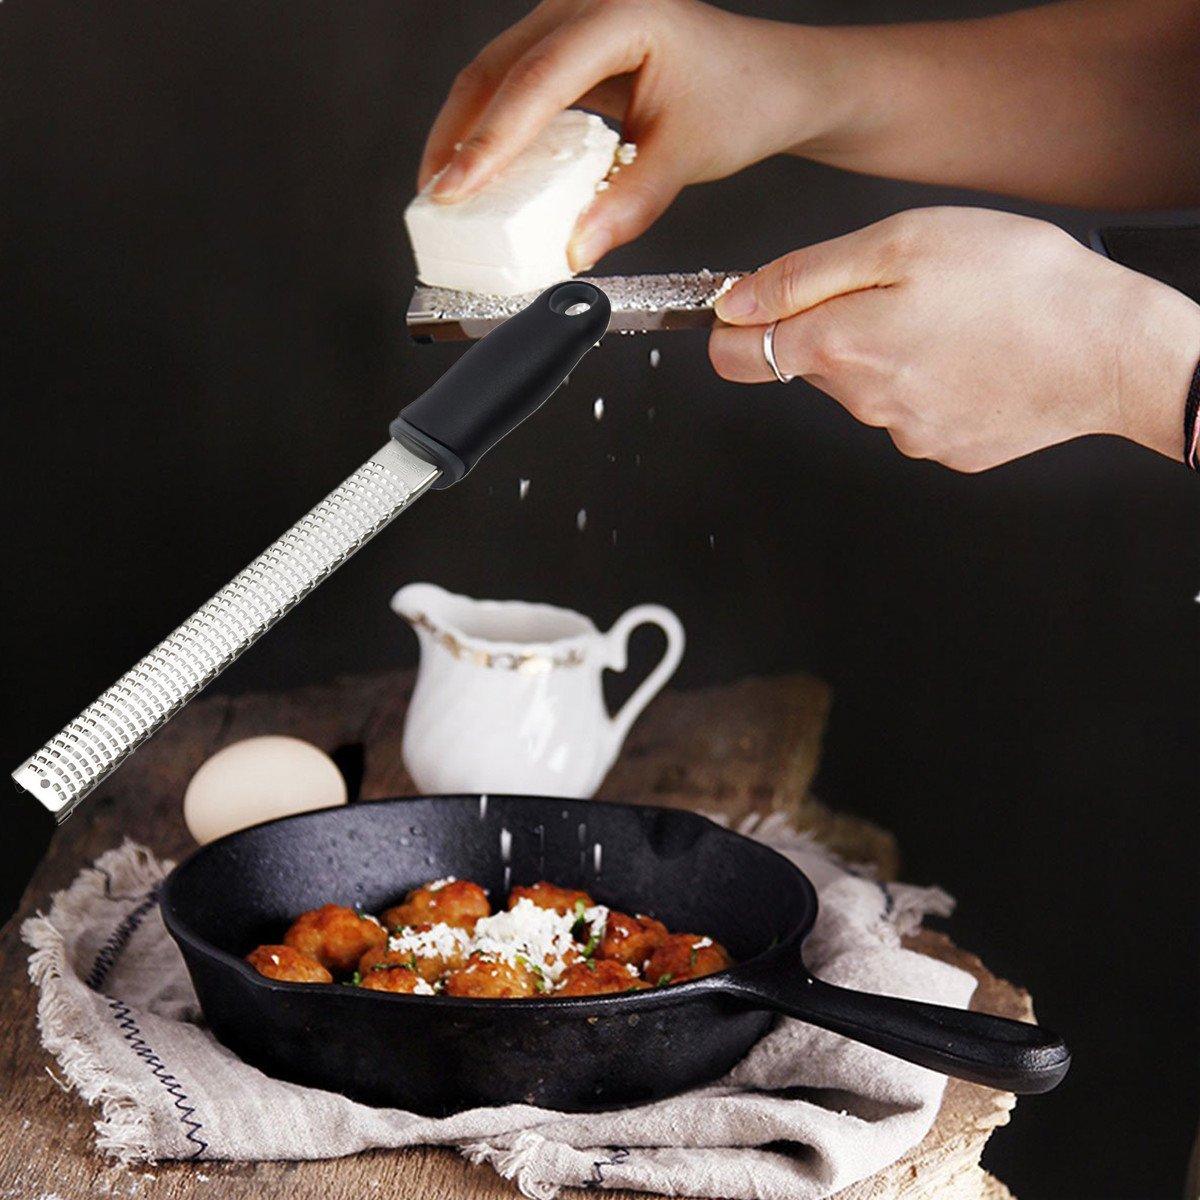 BESTOMZ Grattugia in acciaio inossidabile Grattugia professionale e multifunzione per formaggio//limoni//aglio//spezie con manico nero